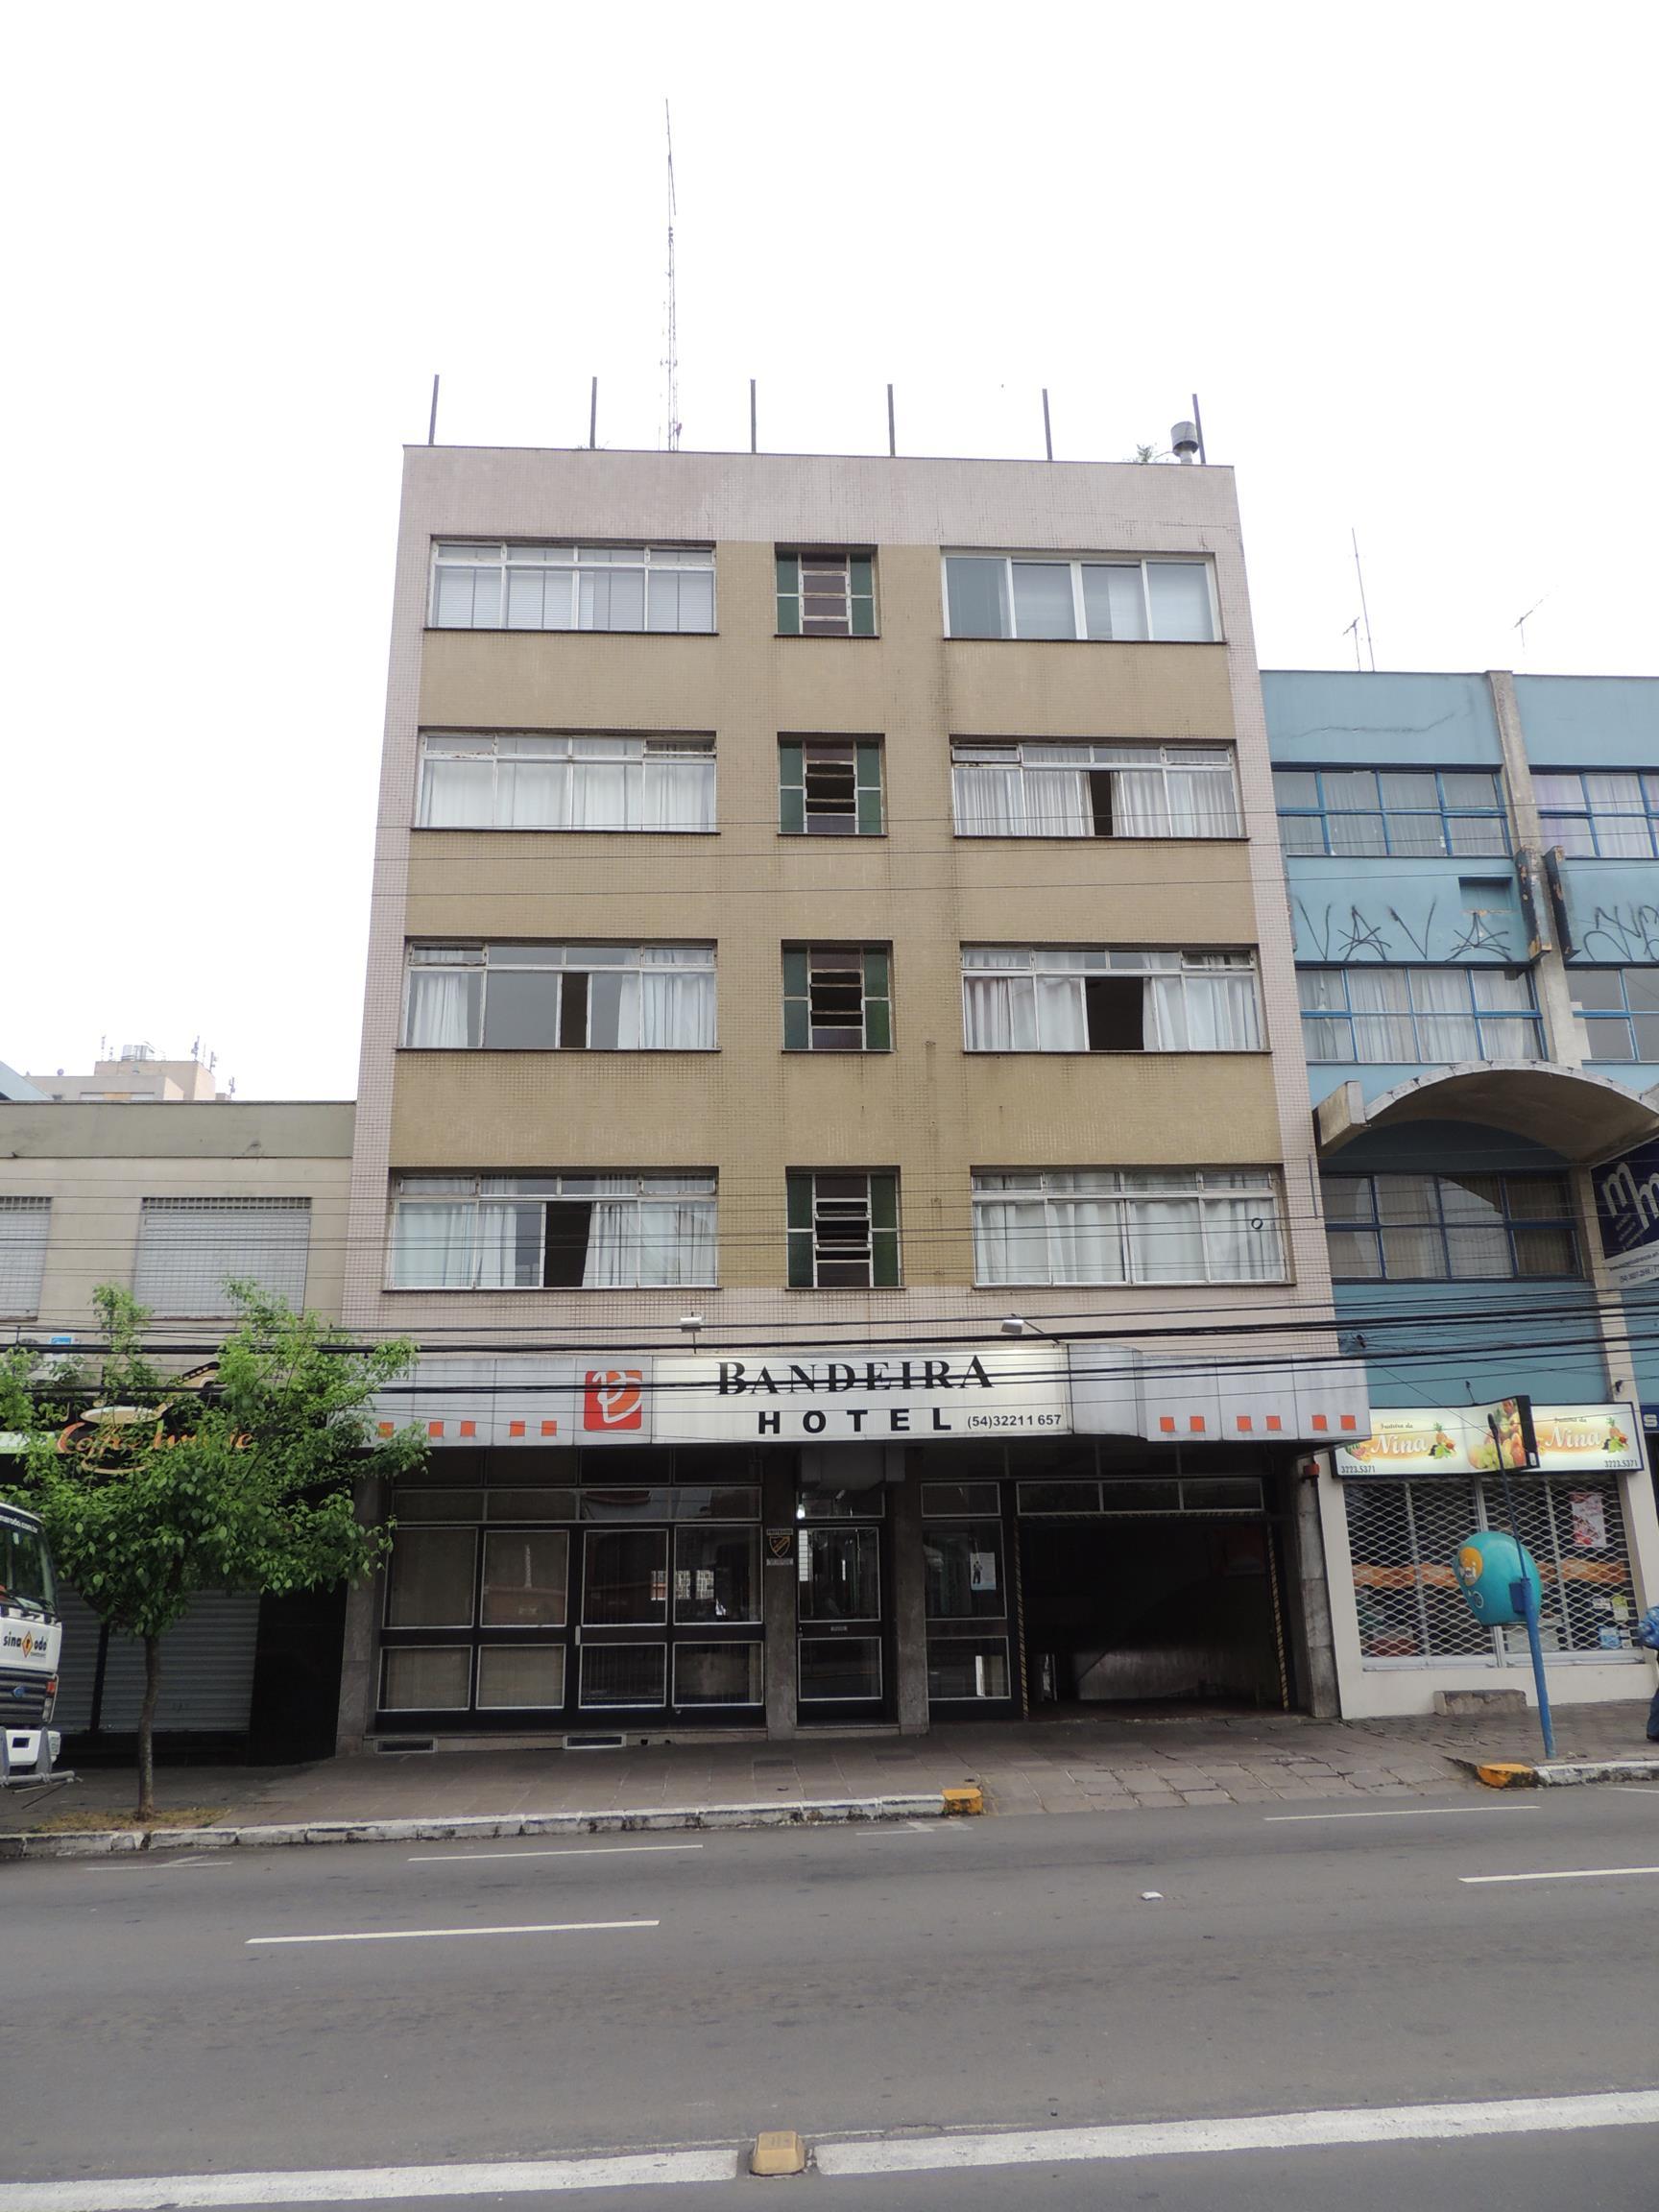 Hotel Bandeira, em Caxias do Sul